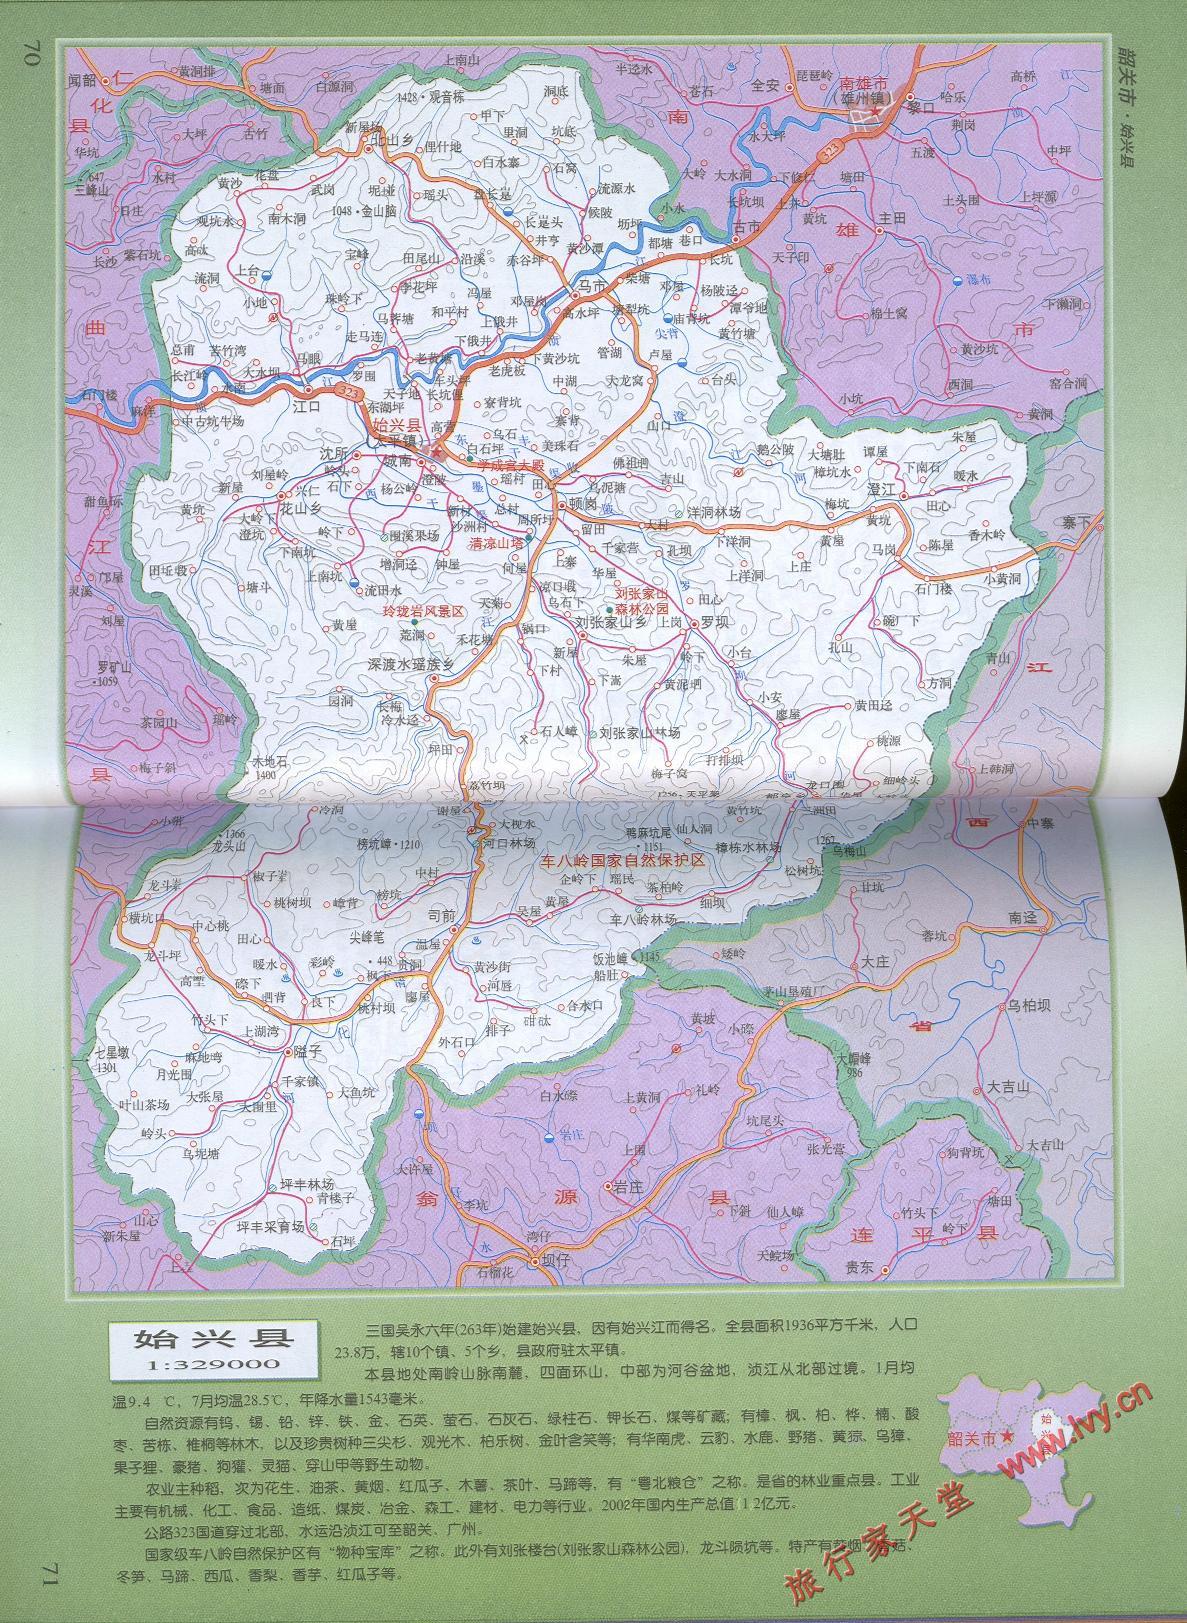 广东丹霞山旅游地图 广东省韶关市区公路交 高清图片